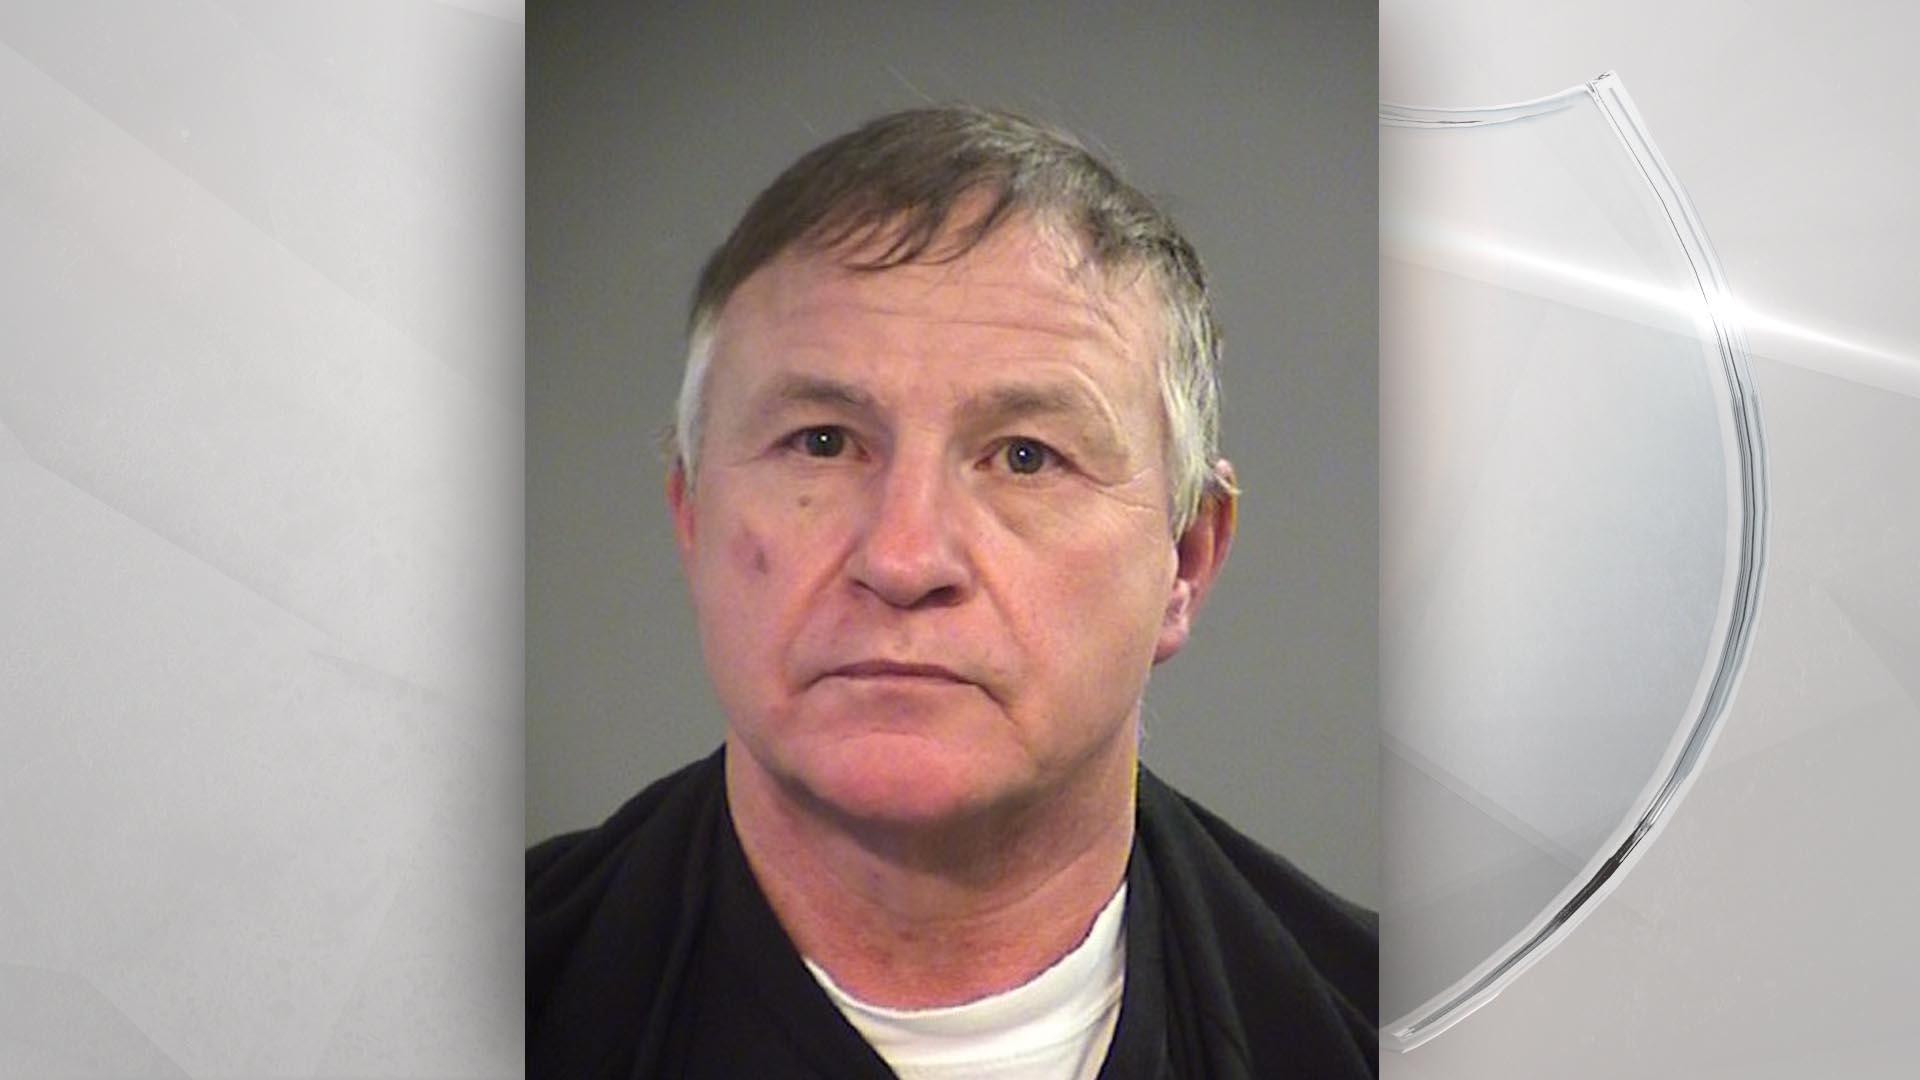 Man arrested after Eagle Point pursuit - KOBI-TV NBC5 / KOTI